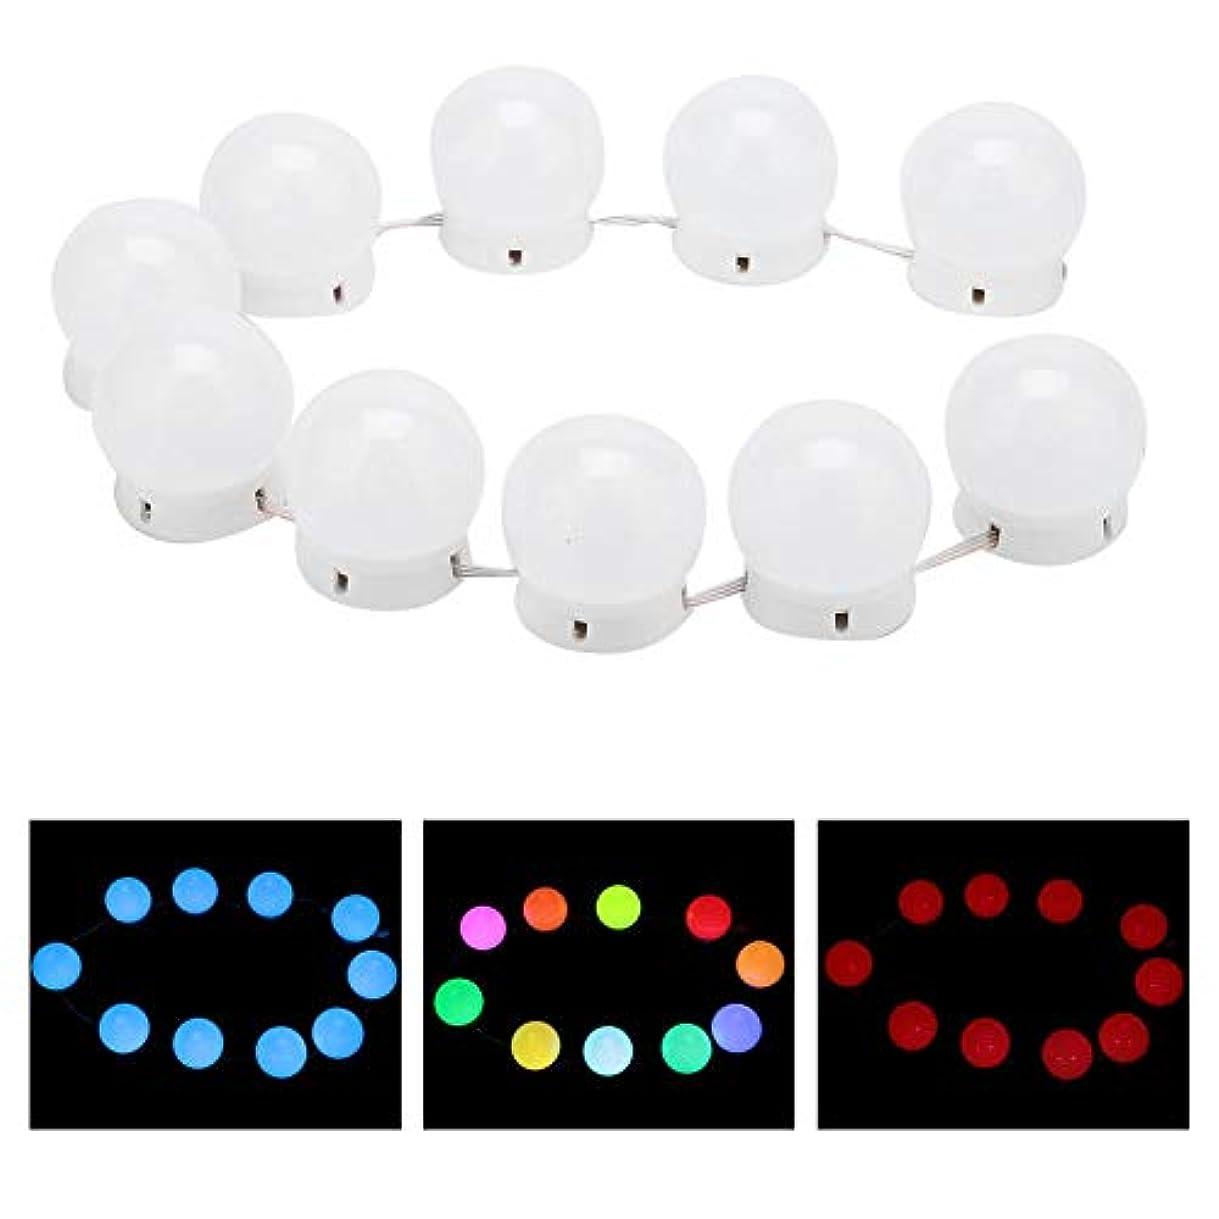 好きアクセル明確に化粧鏡ラ??イトキット 10 LED付き調 光ライトストリング電球バニティライト化粧鏡に最適 バスルームの照明